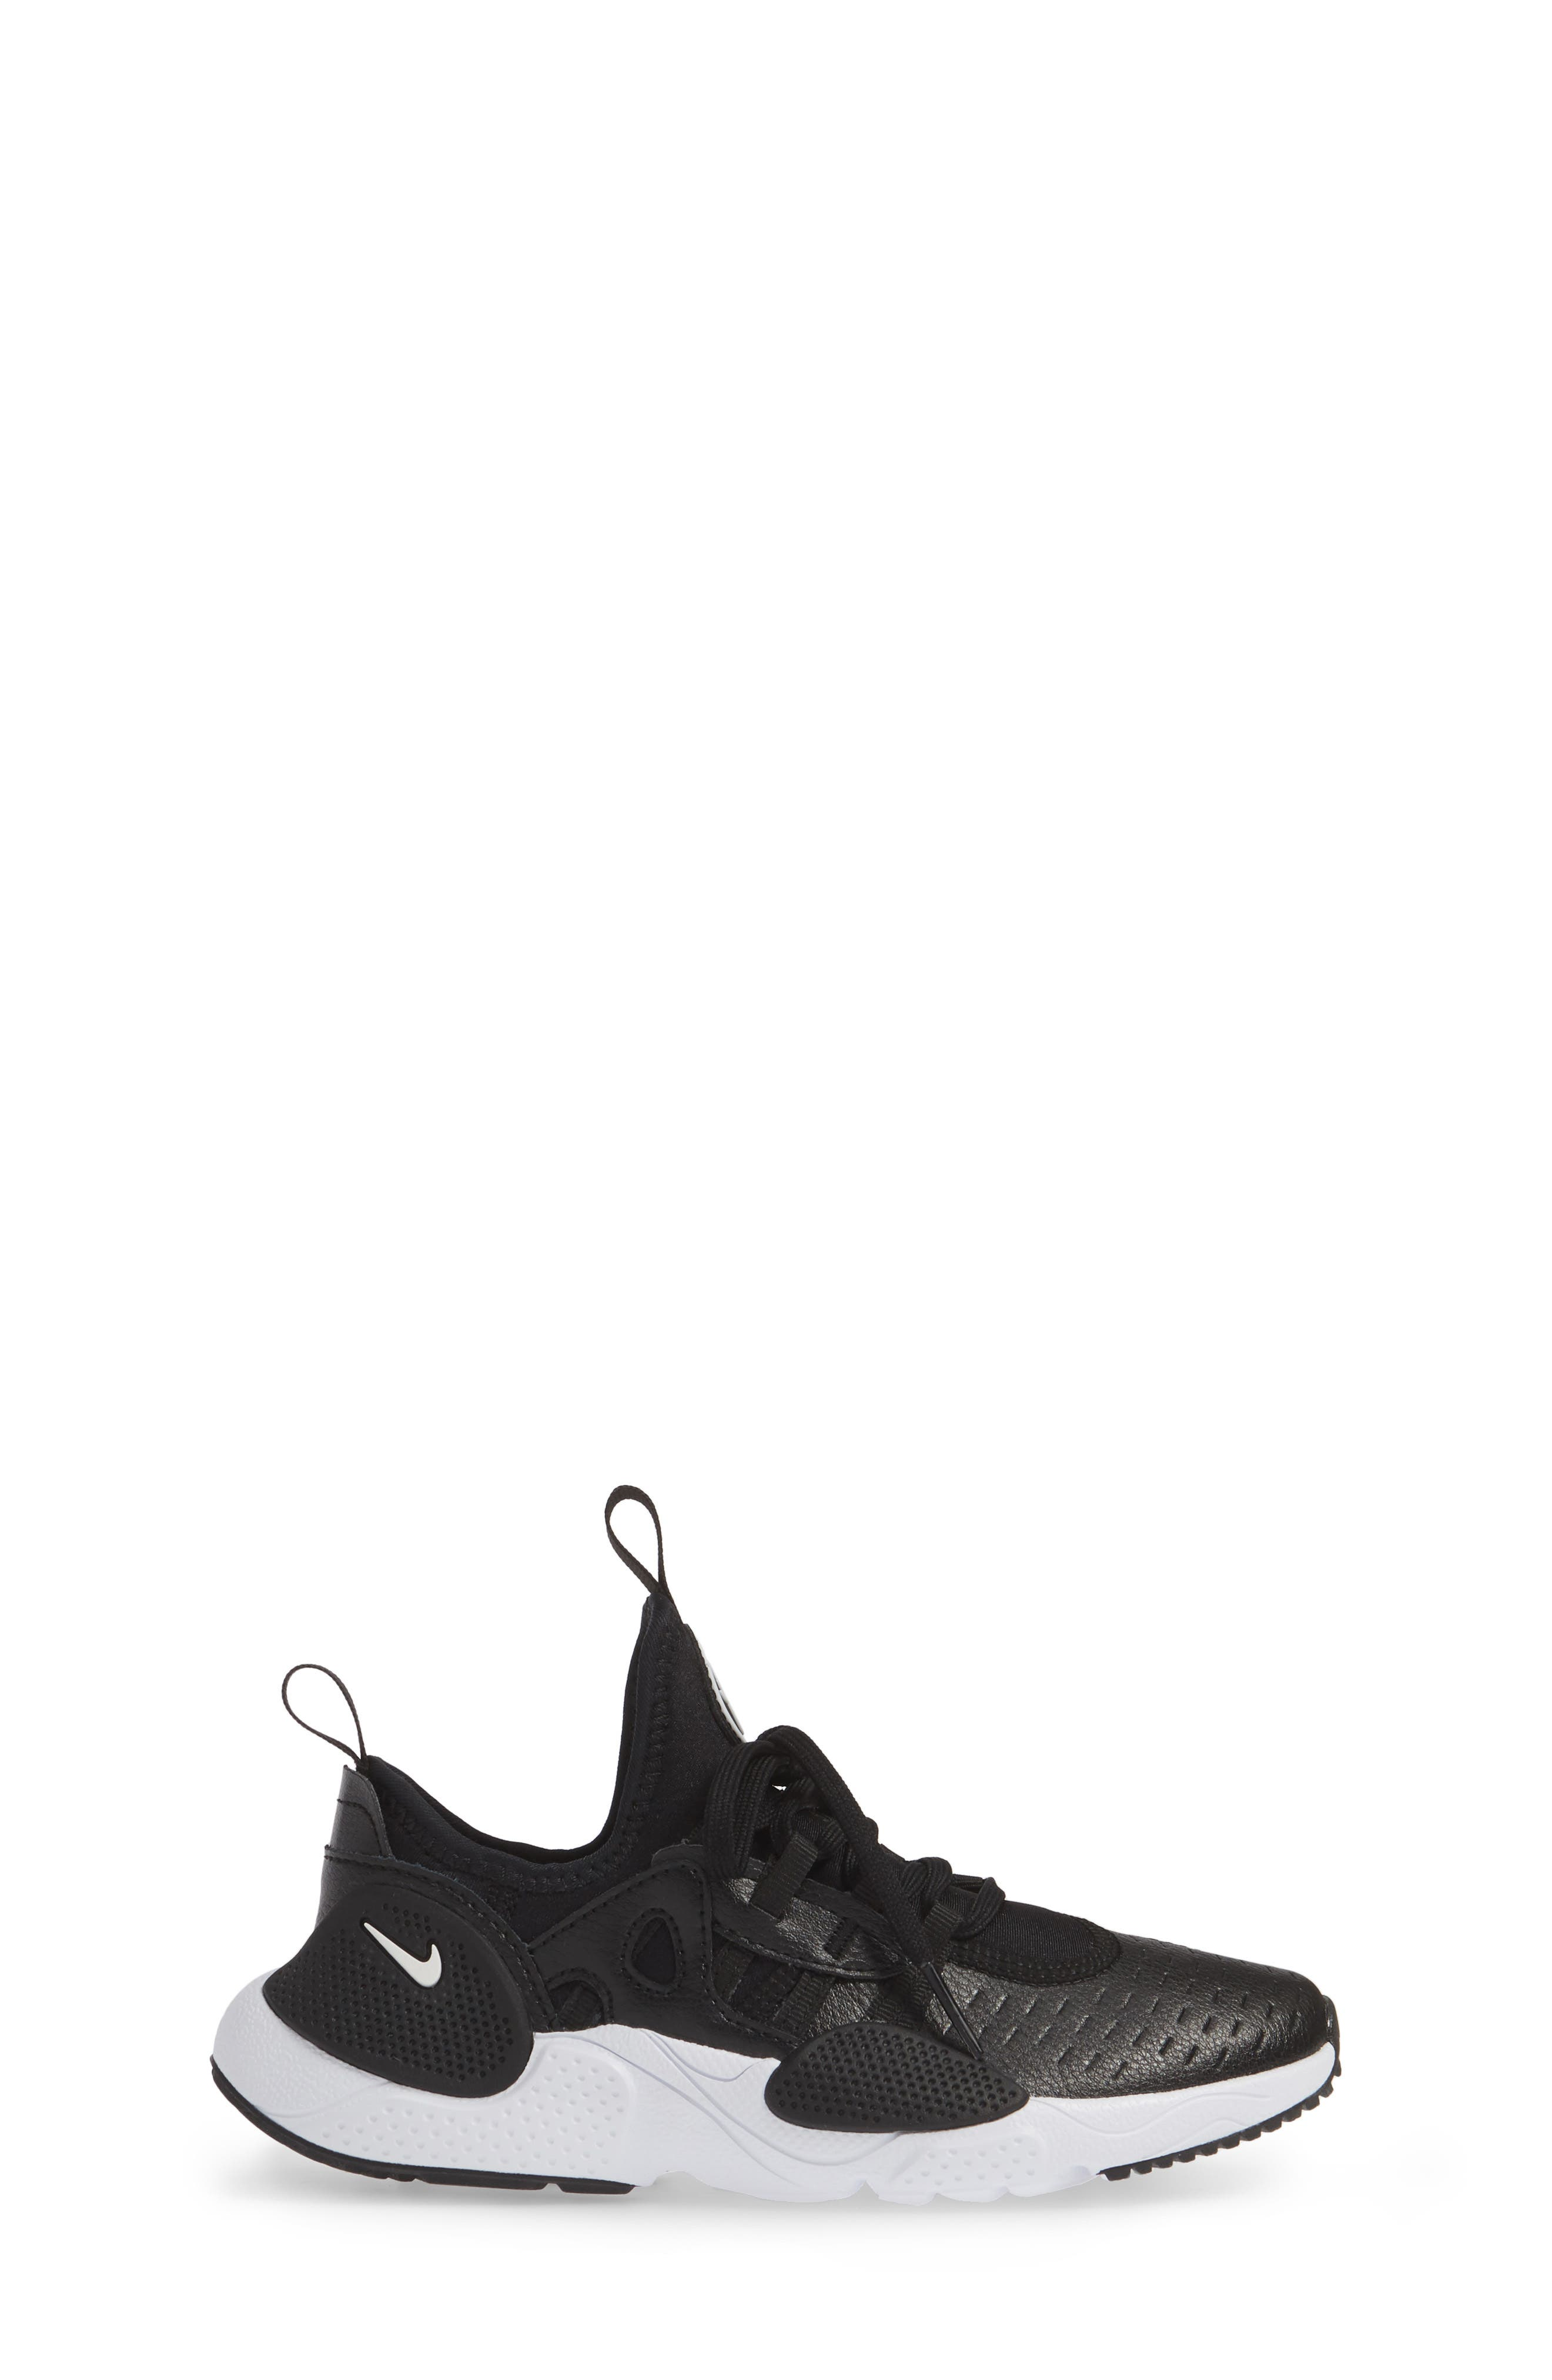 NIKE, Huarache E.D.G.E. Sneaker, Alternate thumbnail 3, color, BLACK/ WHITE